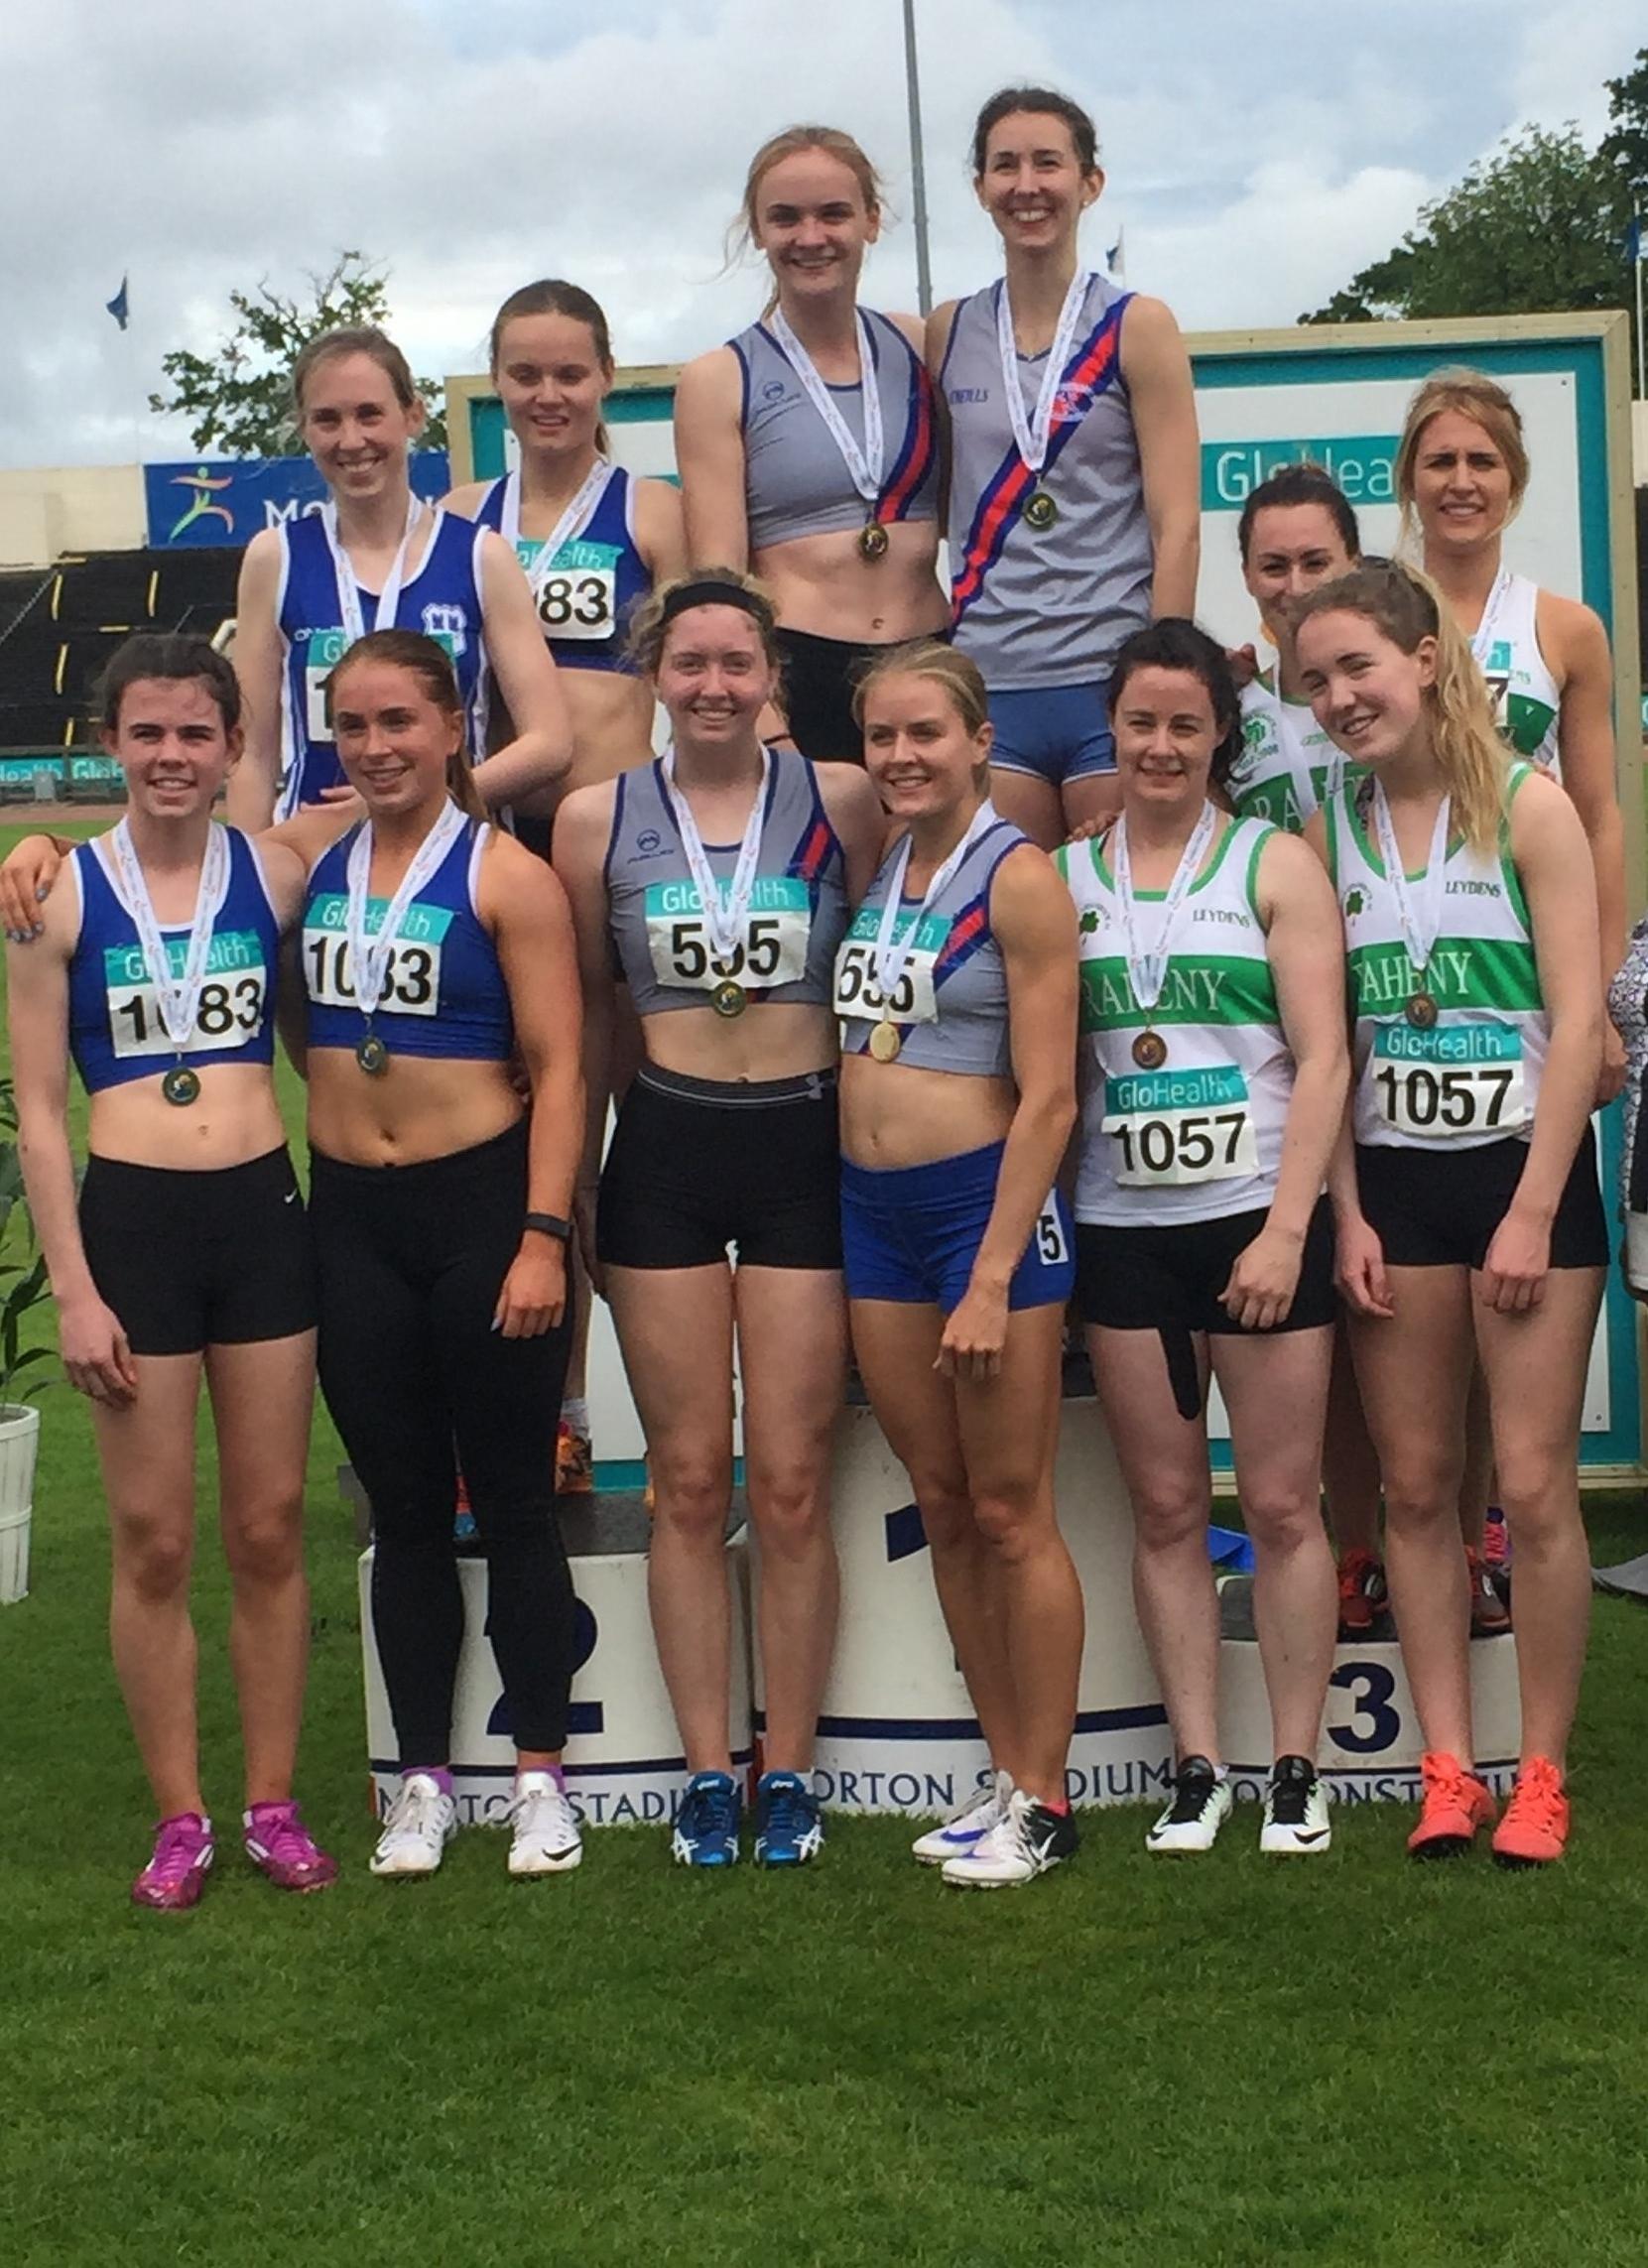 winning relay team Nats.jpg